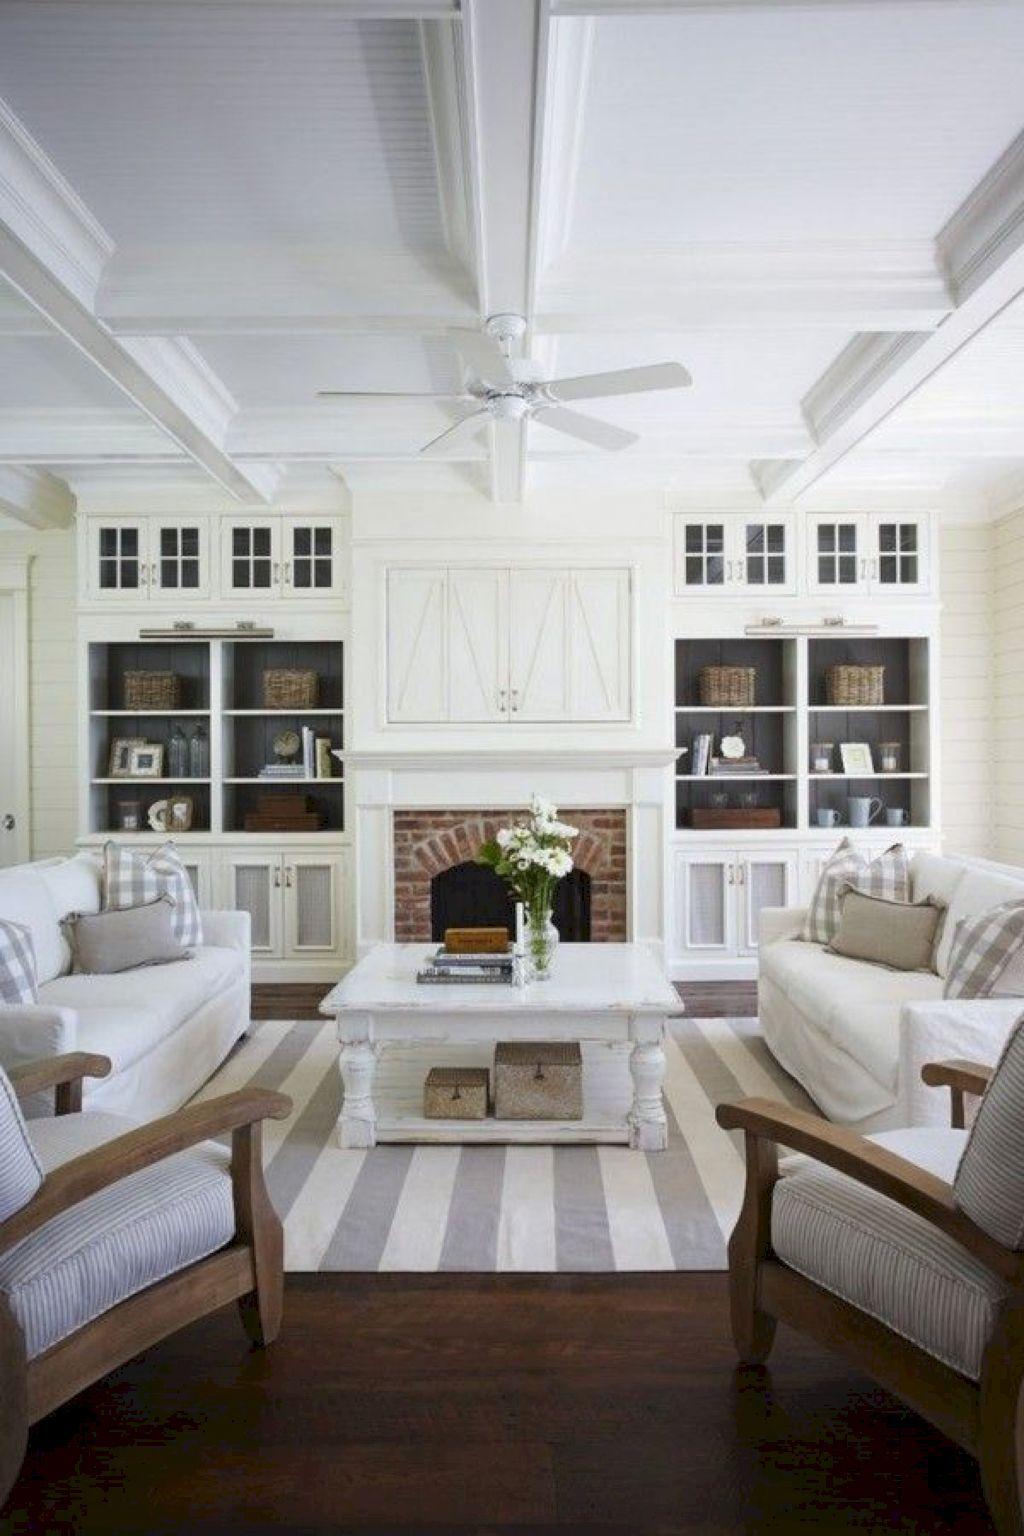 45 Comfy Coastal Living Room Decor And Design Ideas  Coastal Simple Coastal Living Room Designs Decorating Inspiration